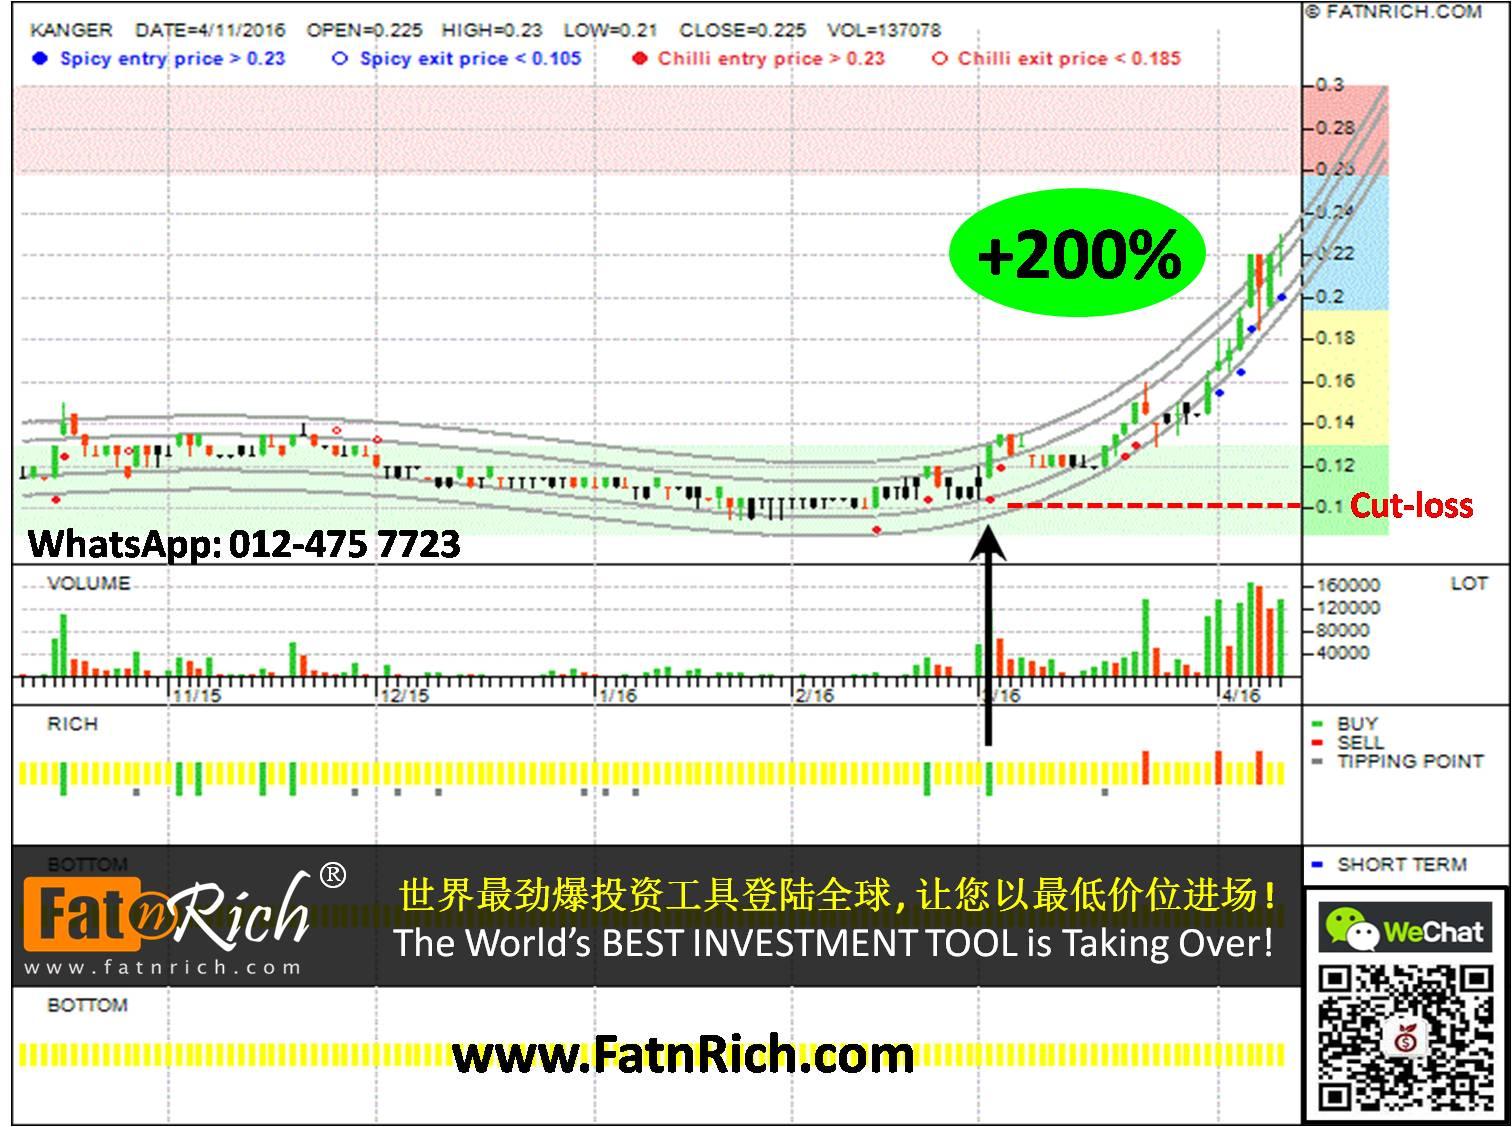 马来西亚股票康尔国际有限公司 Kanger International Bhd (KANGER 0170)